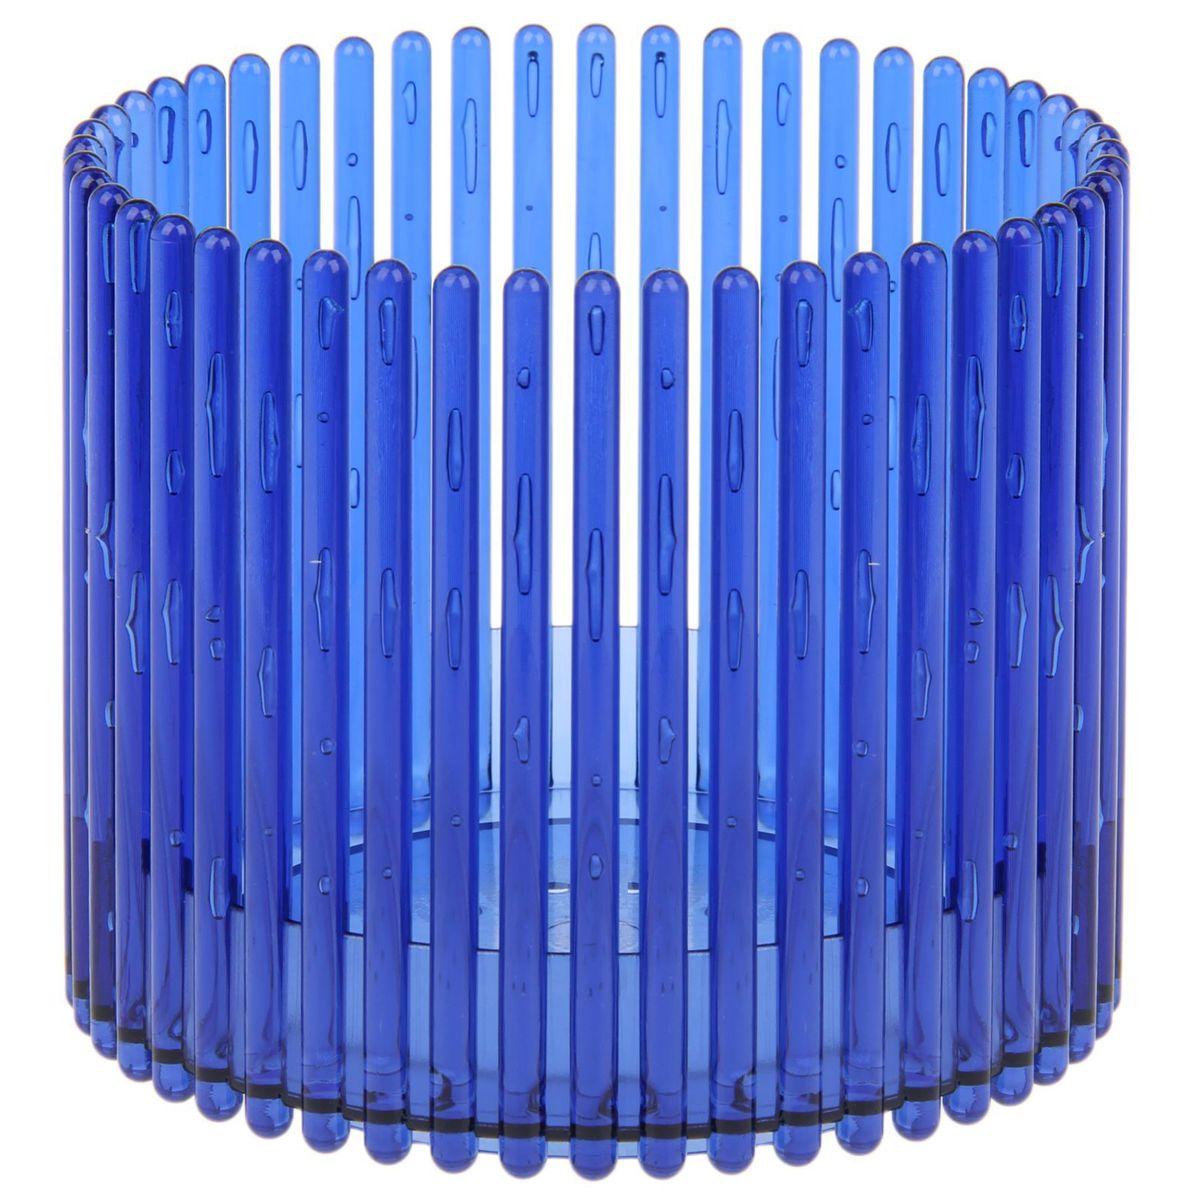 Кашпо JetPlast Шарм, цвет: синий, 14 x 12 см4612754051076Кашпо Шарм изготовлено из поликарбоната. Изделие имеет уникальную конструкцию: бортик в нижней части кашпо дает возможность создания у корней орхидеи благоприятную влажность, а сквозная конструкция стенок кашпо дает возможность беспрепятственному проникновению света на корни растения и их вентиляцию. Стильный яркий дизайн сделает такое кашпо отличным дополнением интерьера.